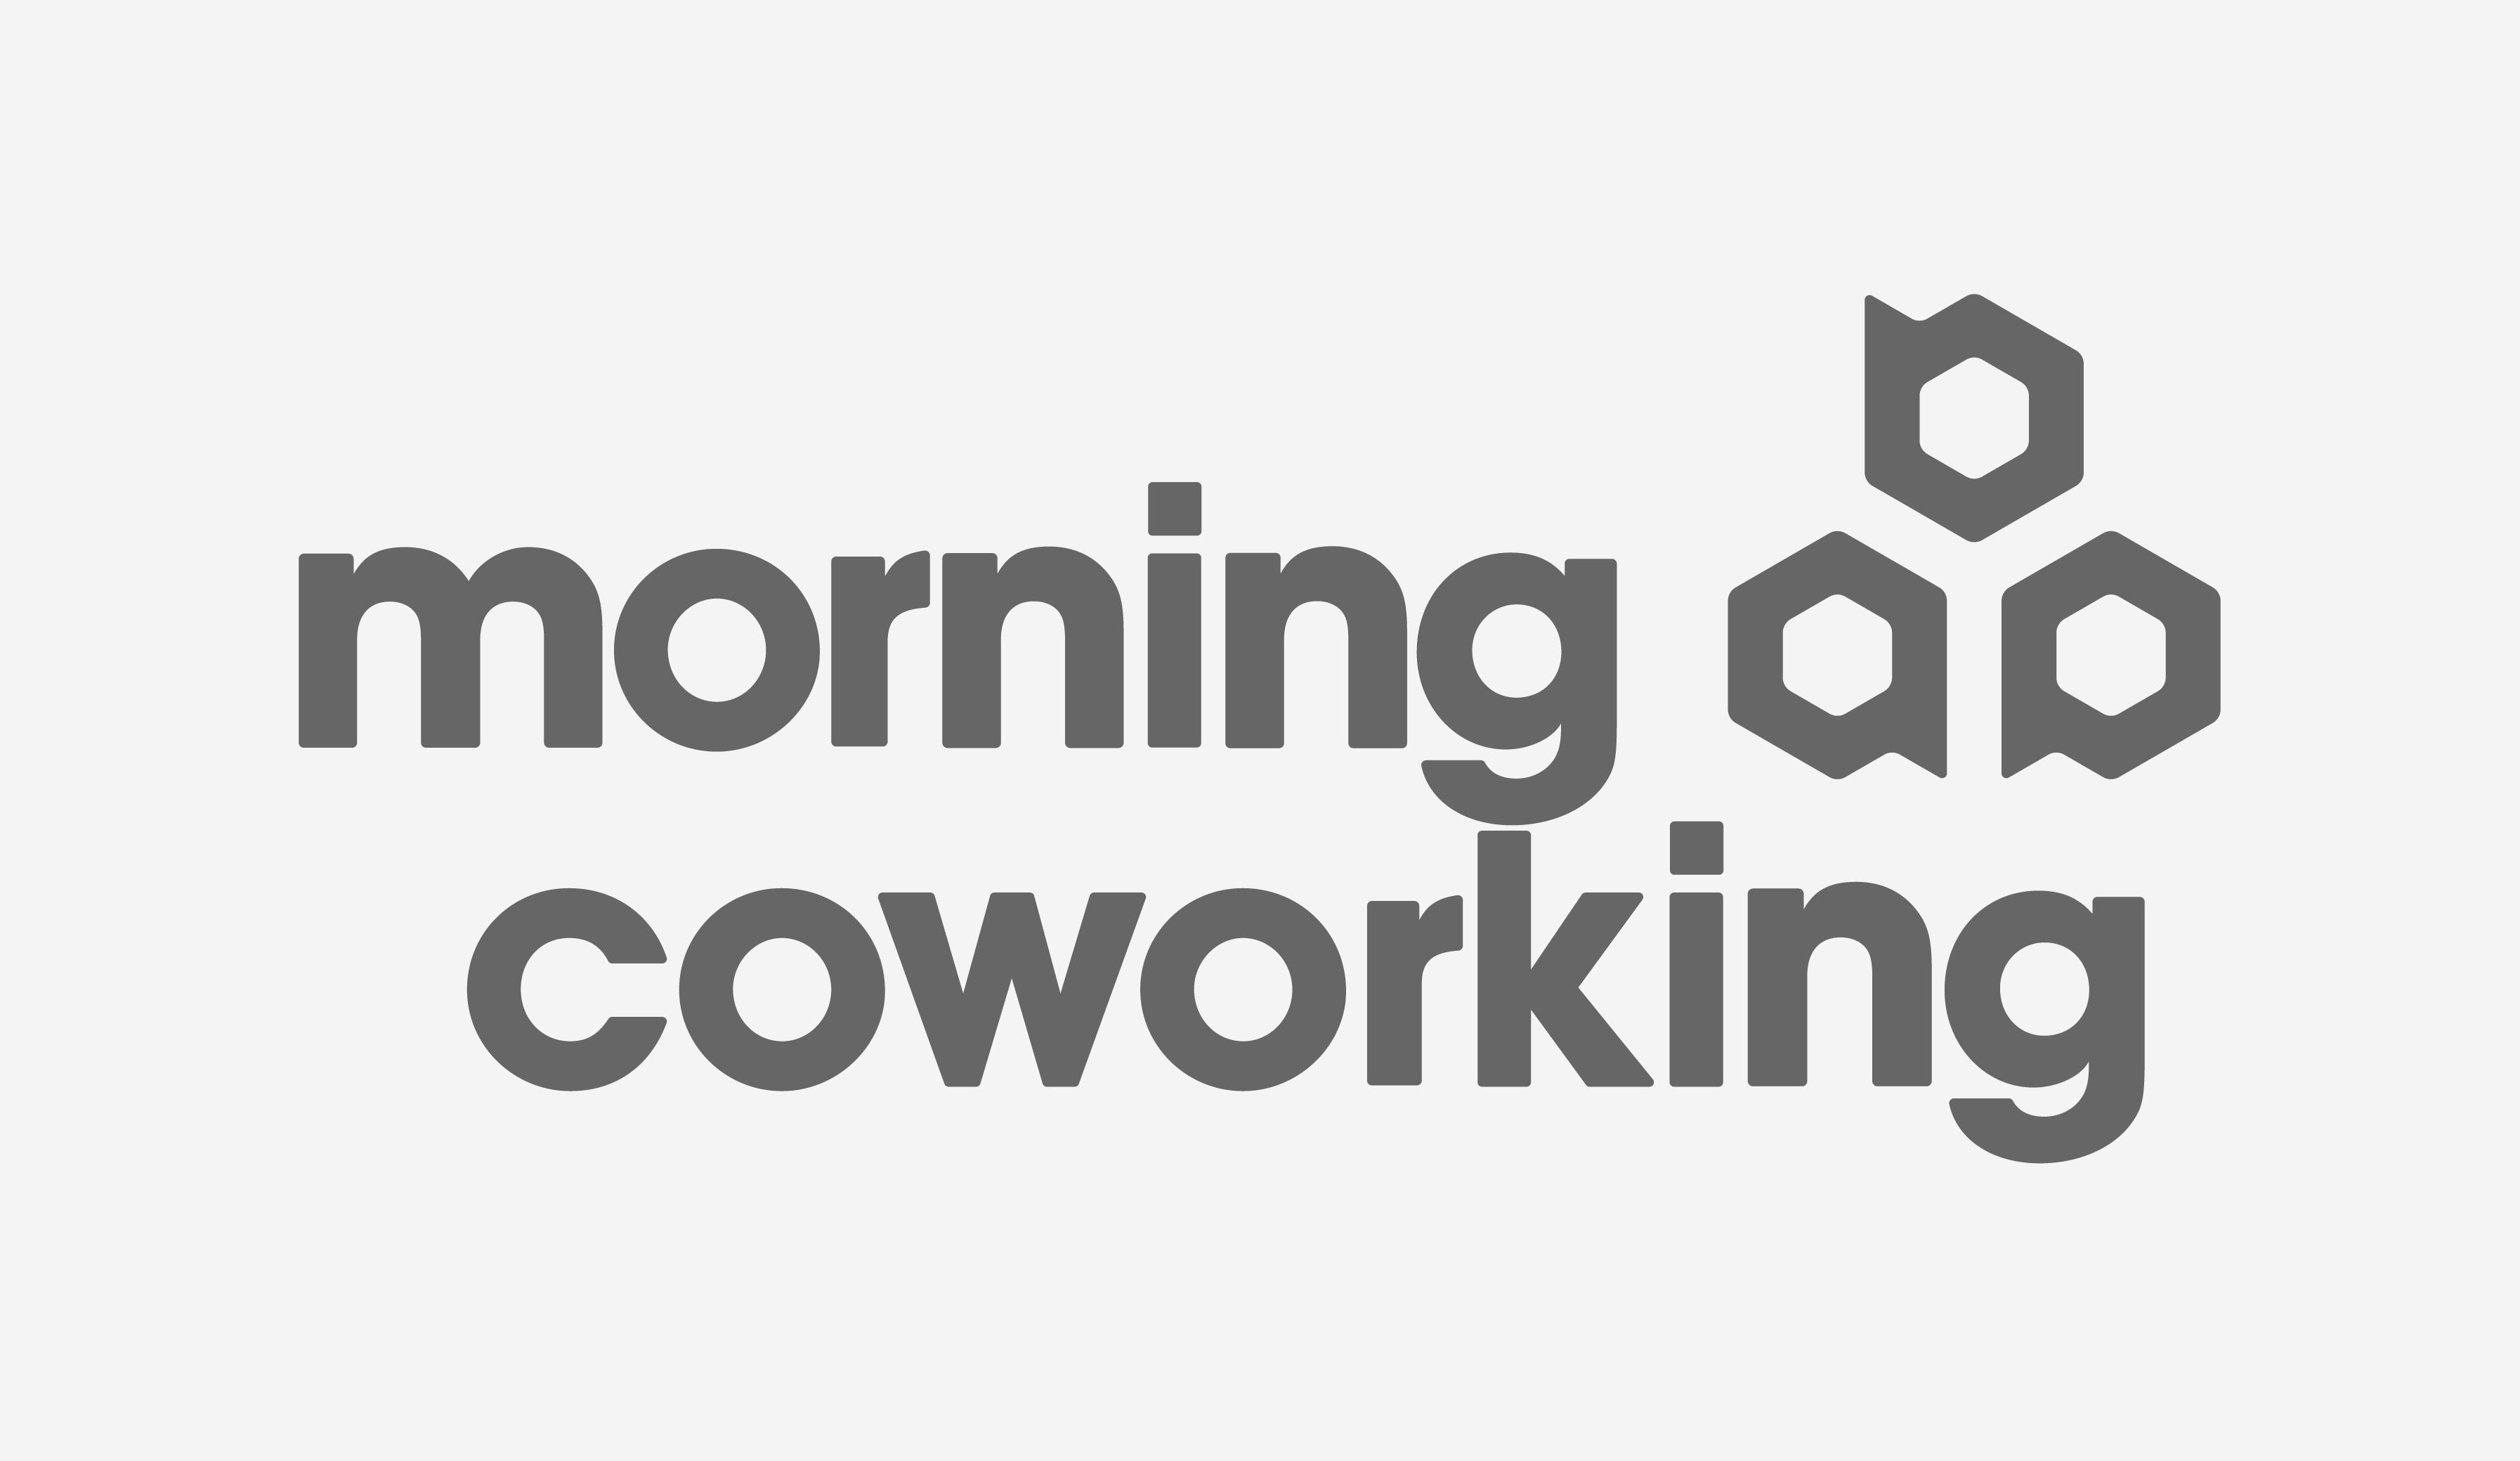 logo Morning coworking